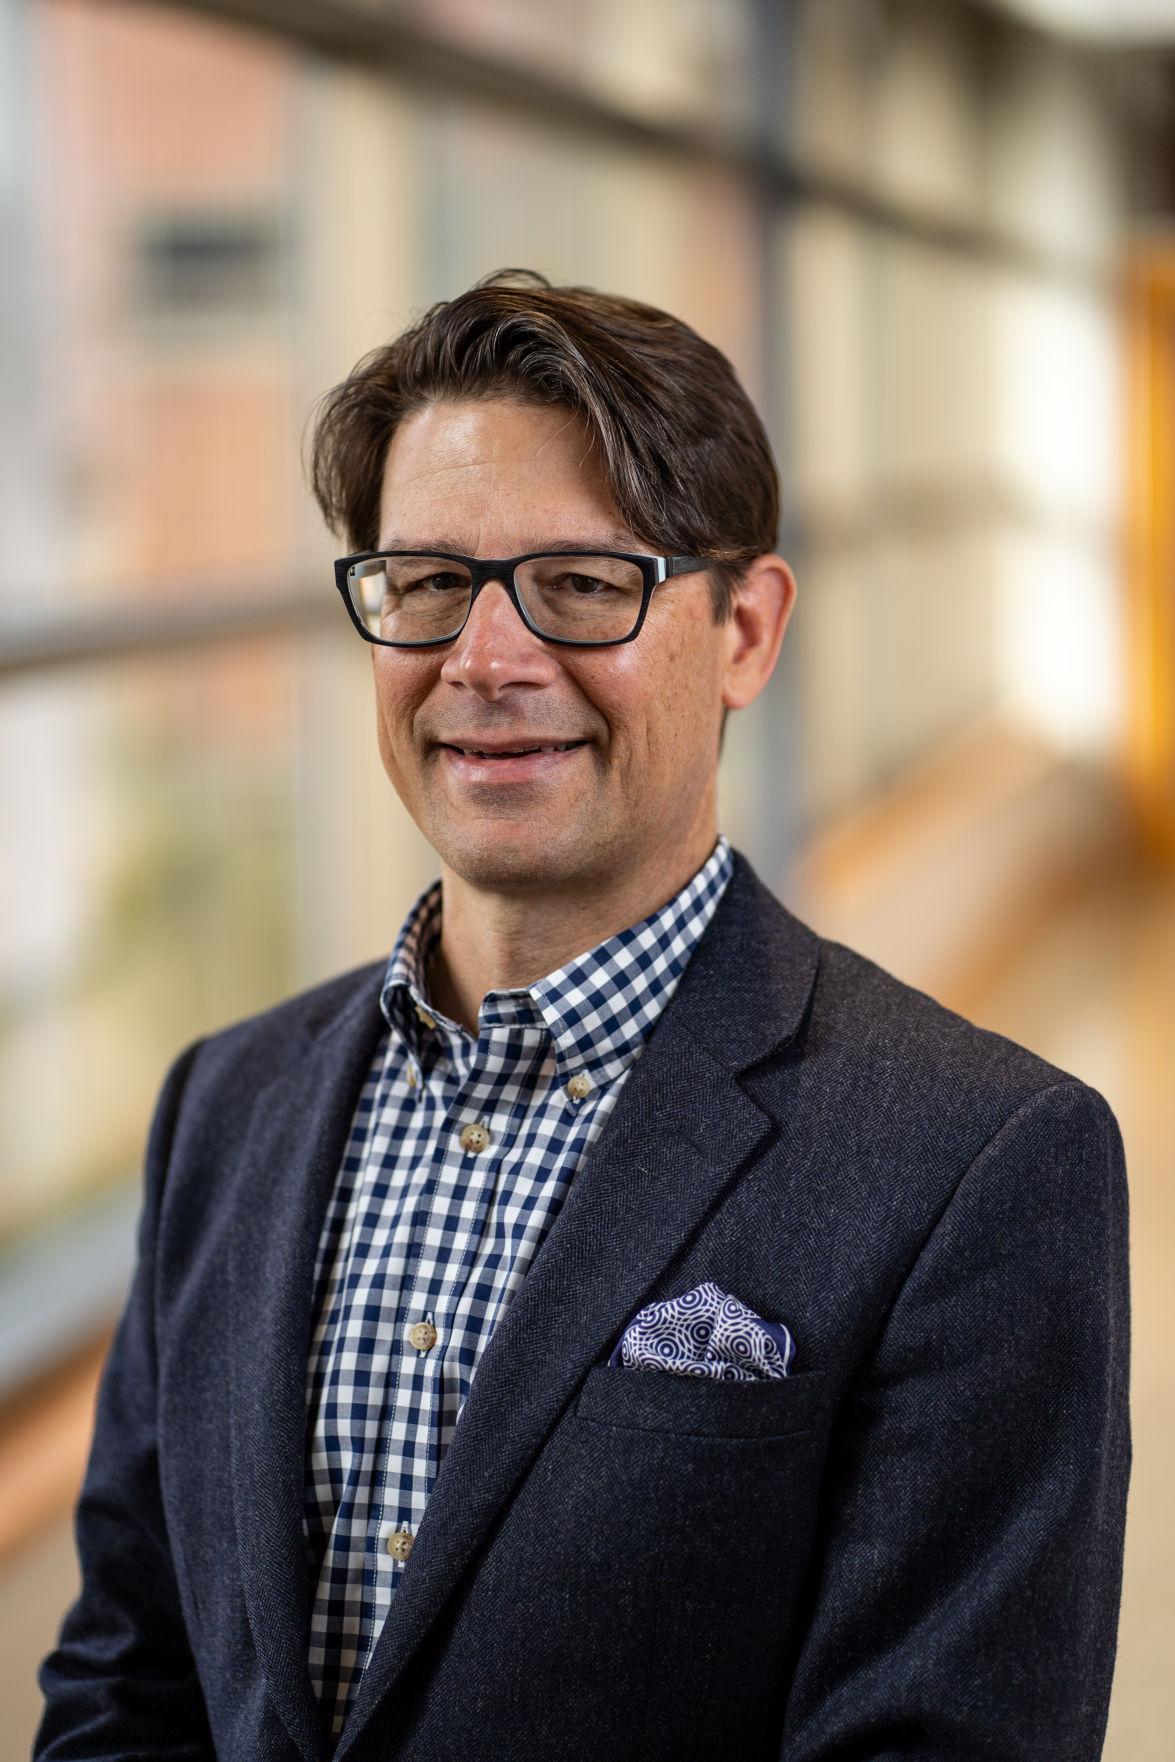 Michael Mucha